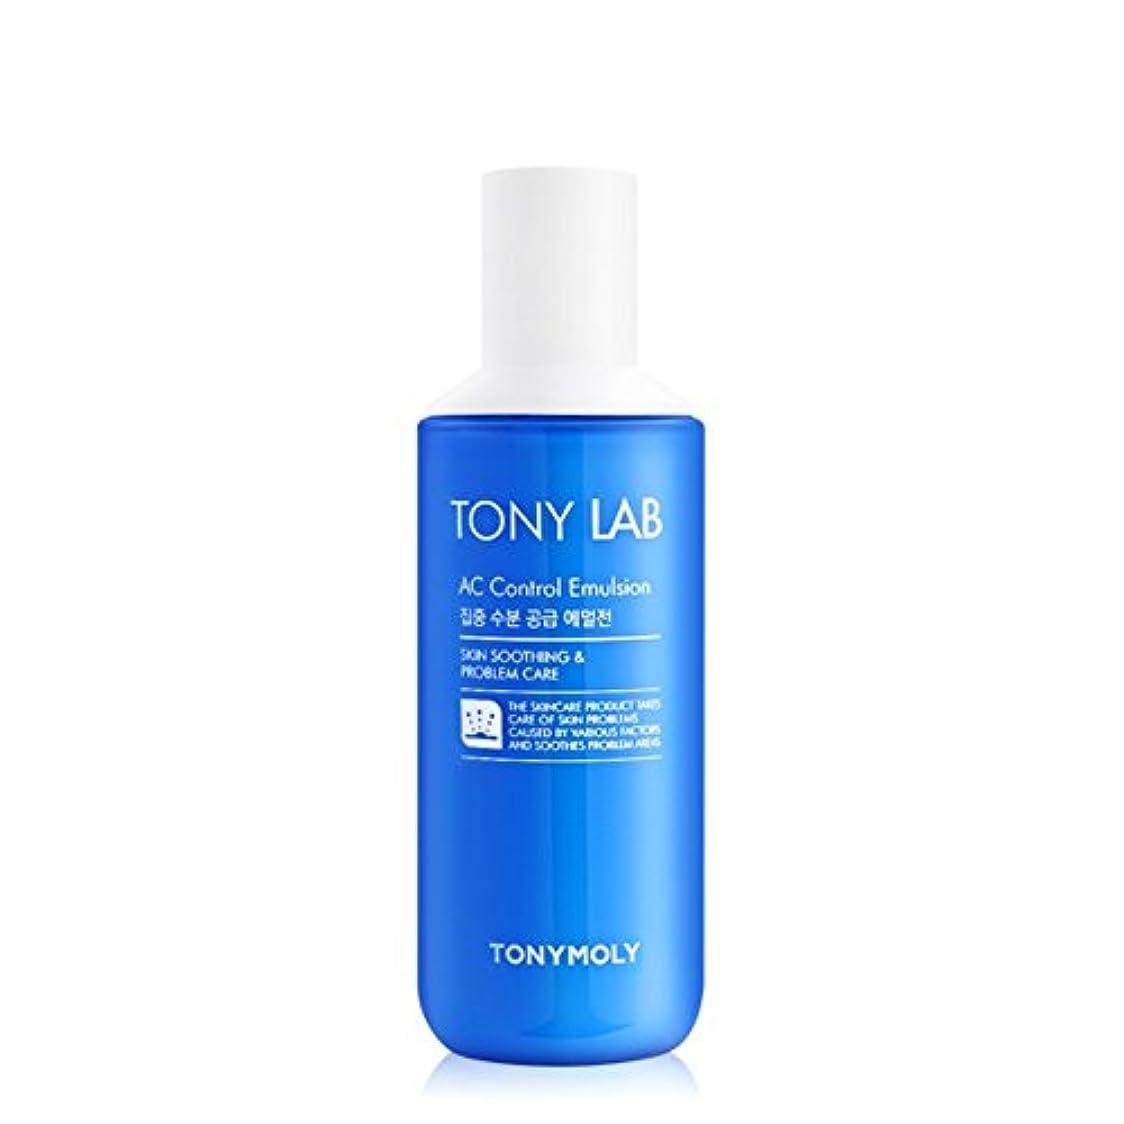 十年のれん正午[2016 New] TONYMOLY Tony Lab AC Control Emulsion 160ml/トニーモリー トニー ラボ AC コントロール エマルジョン 160ml [並行輸入品]